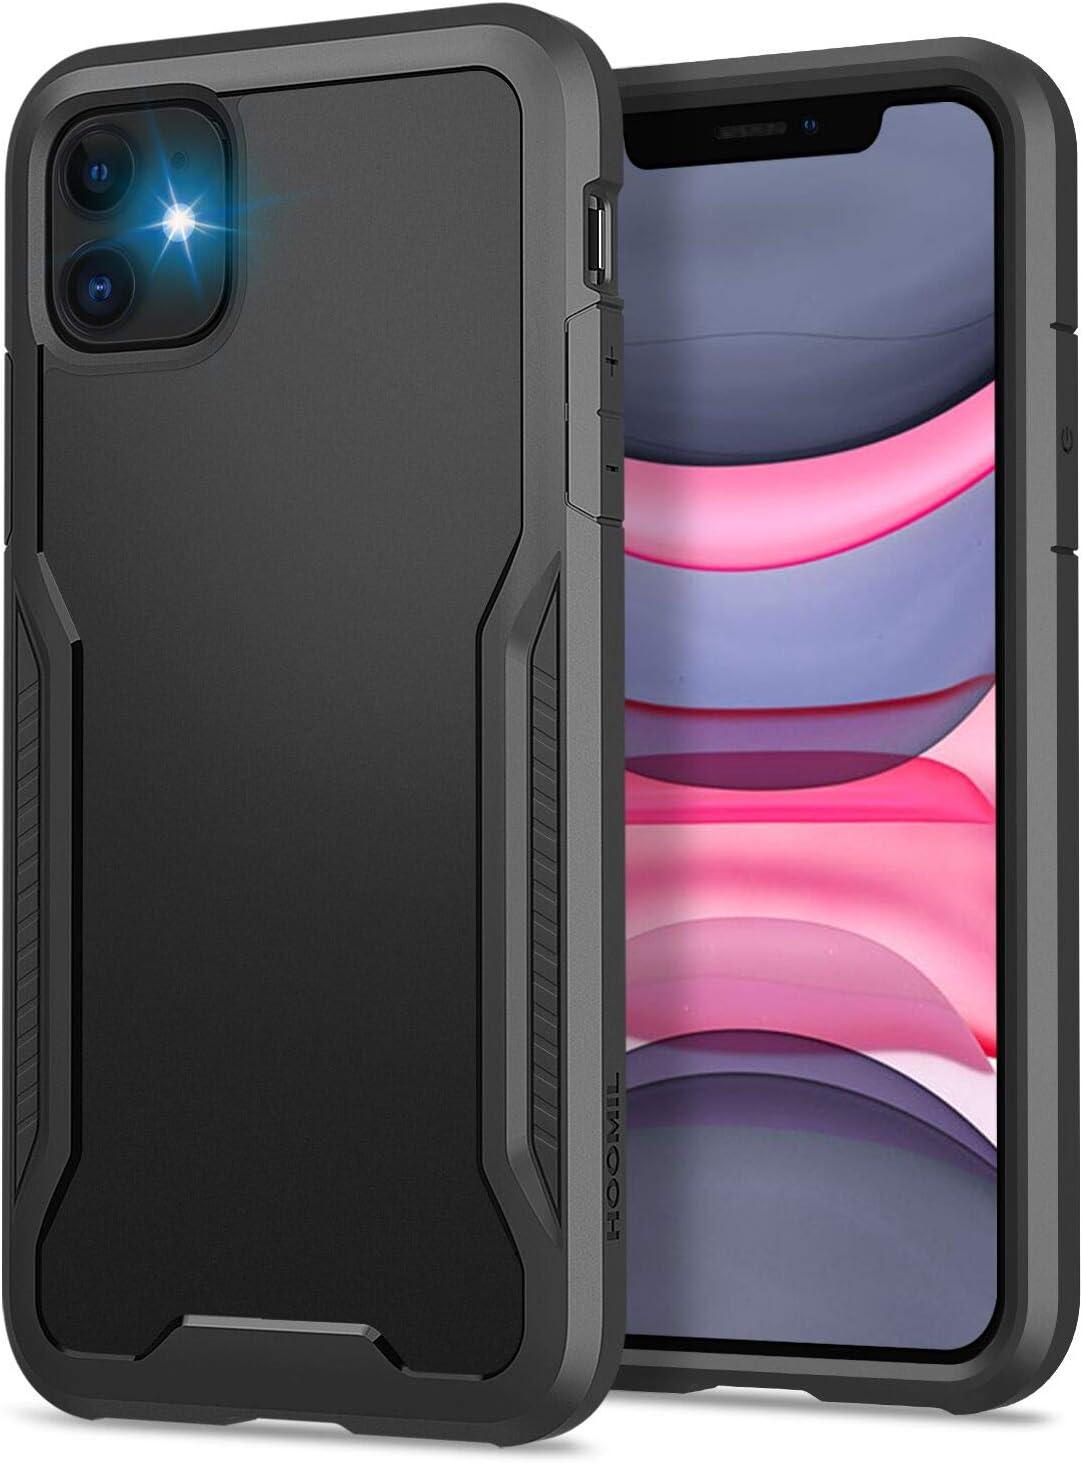 HOOMIL Cover per iPhone 11, Anticaduta Antiurto Custodia per iPhone 11 Cover (6.1 Pollici), Caso Protettiva in Silicone TPU Bumper Case (Nero)